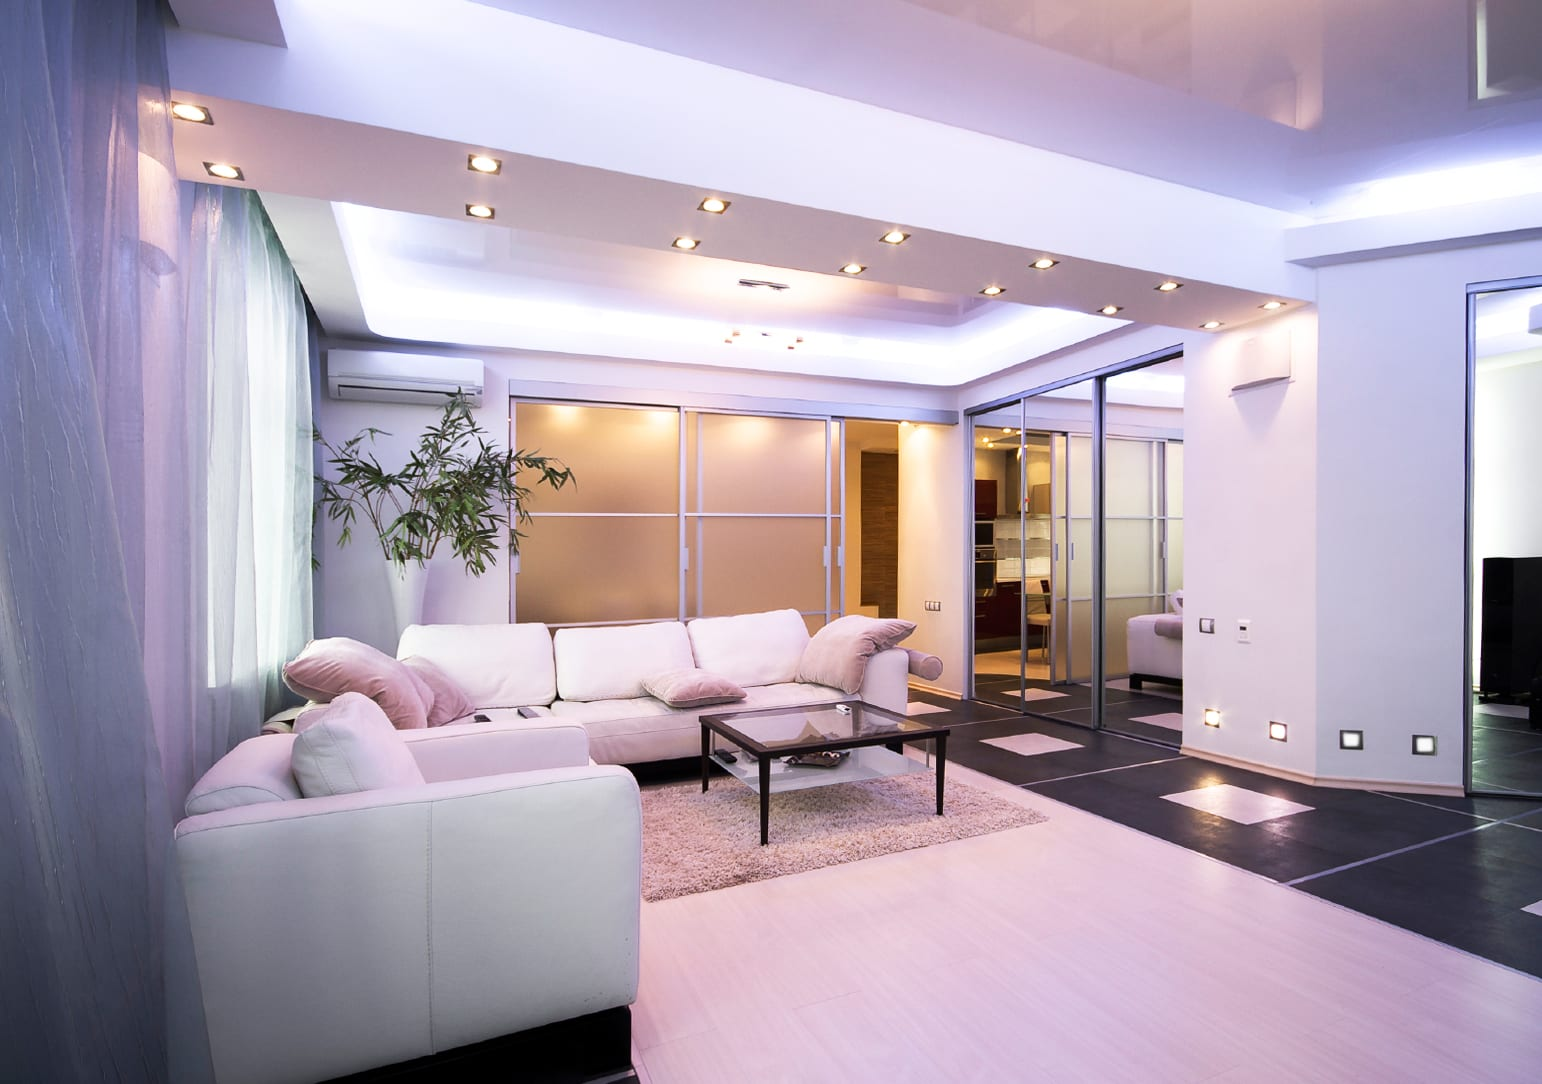 beleuchtungsideen f r wohnzimmer mit deckenleichten und. Black Bedroom Furniture Sets. Home Design Ideas